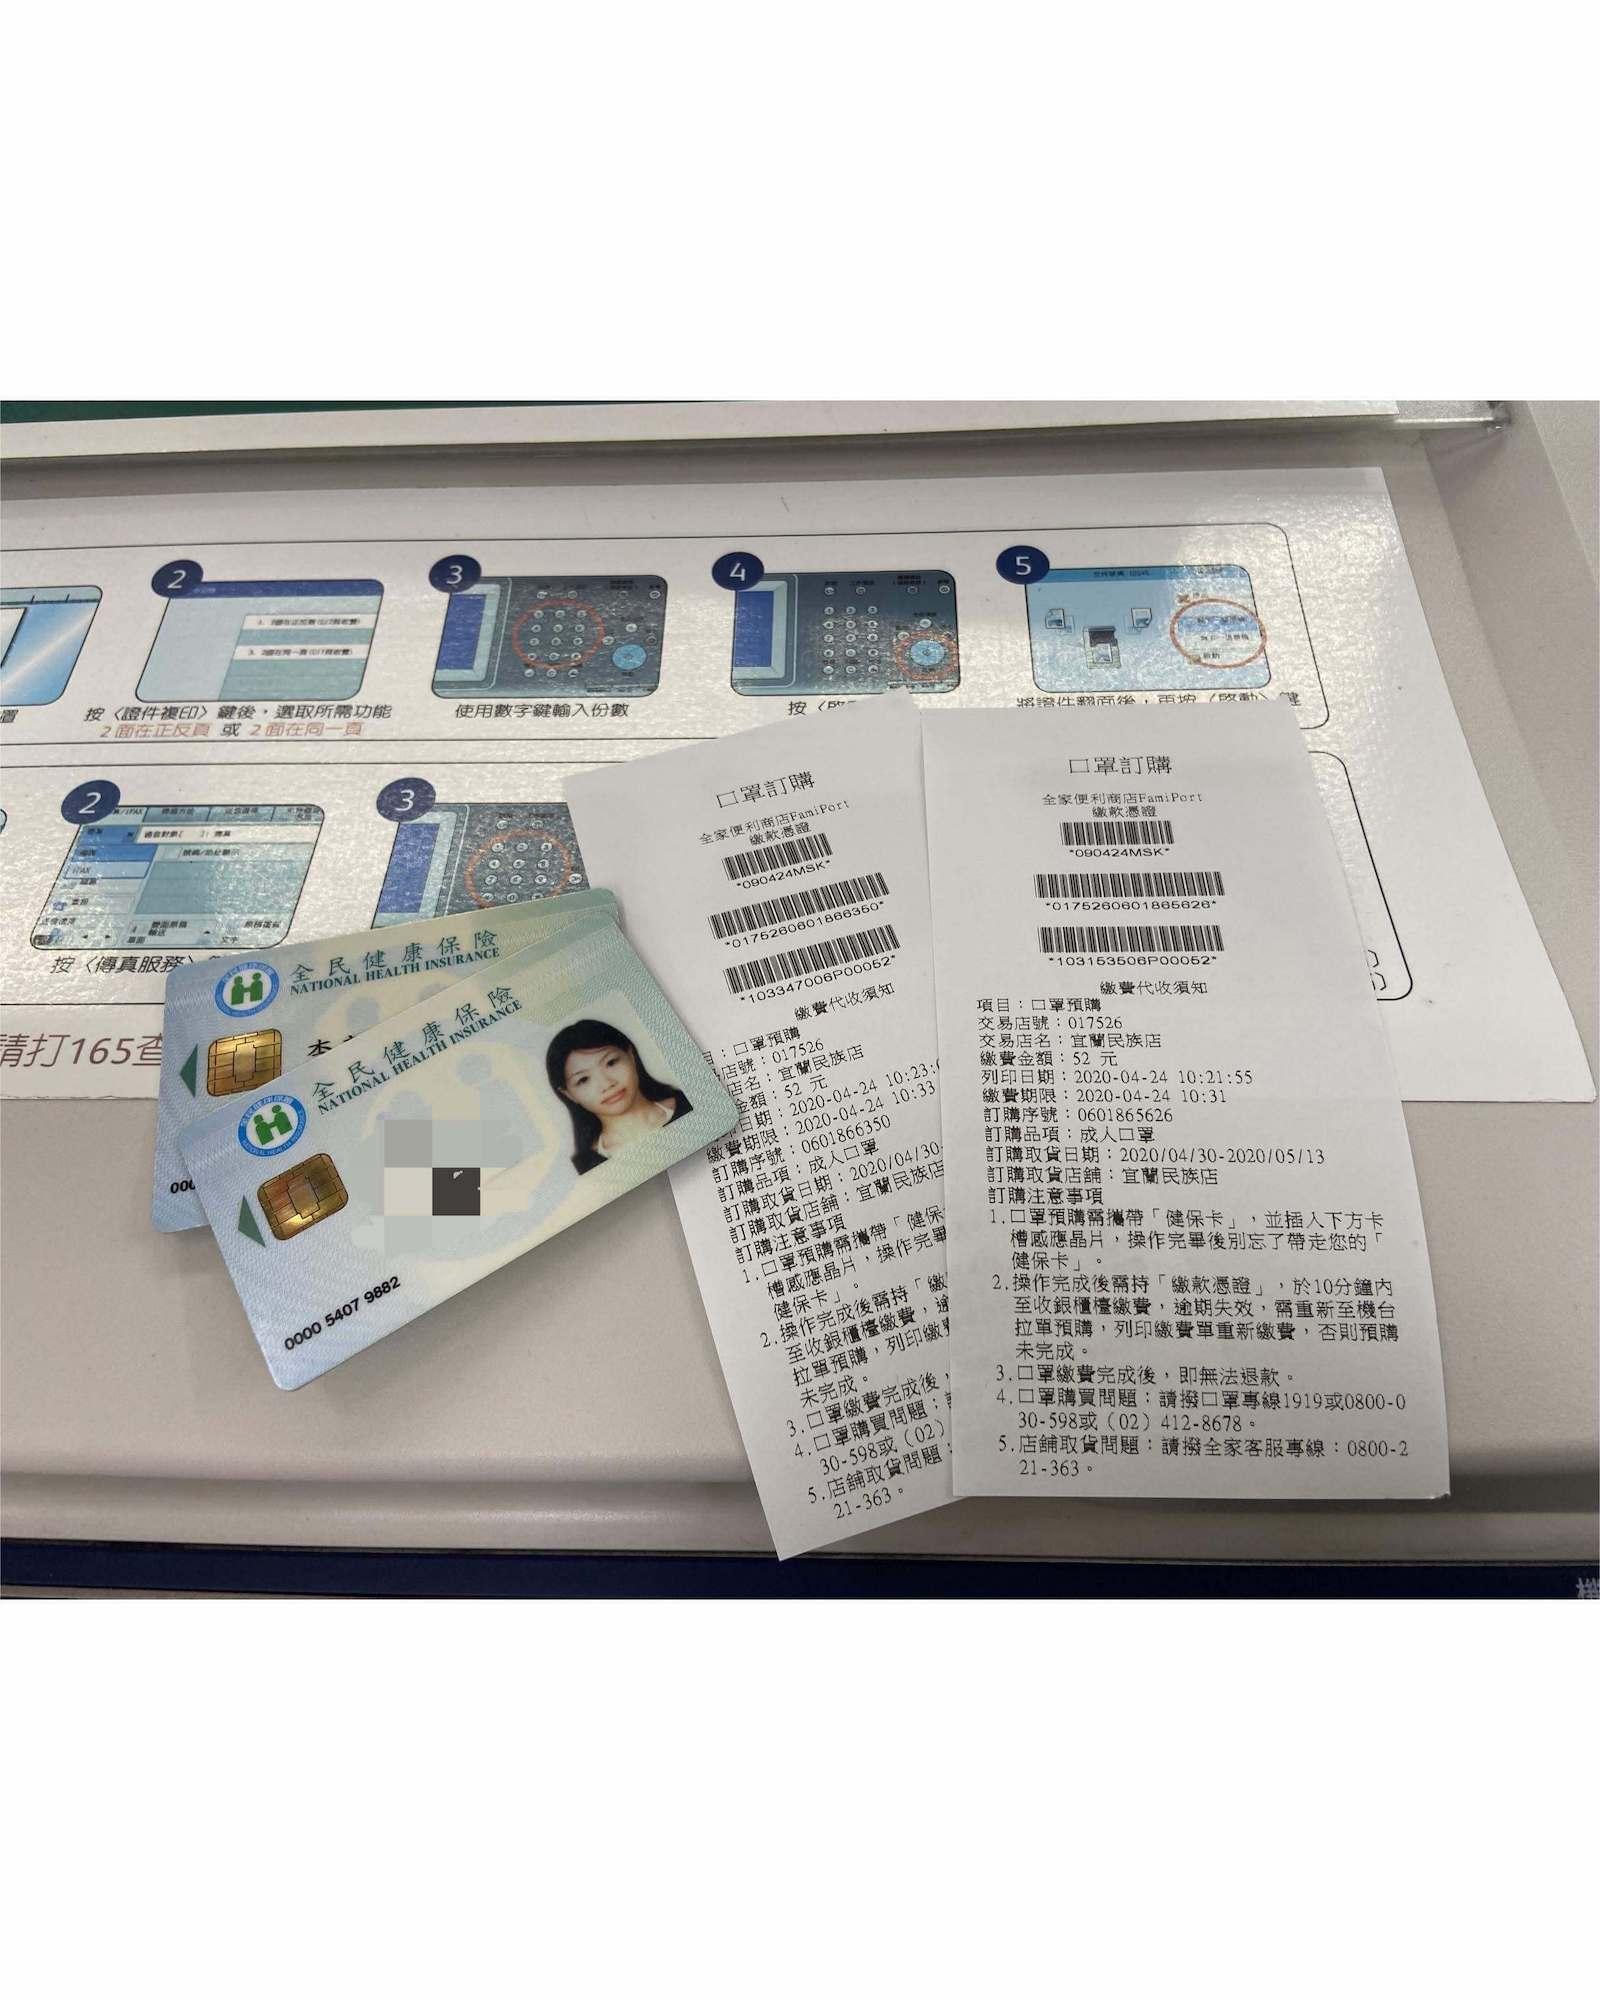 【台湾のコロナウイルス状況・対策】コンビニのマスク購入予約:7.プリントされたレシートで支払いをする。